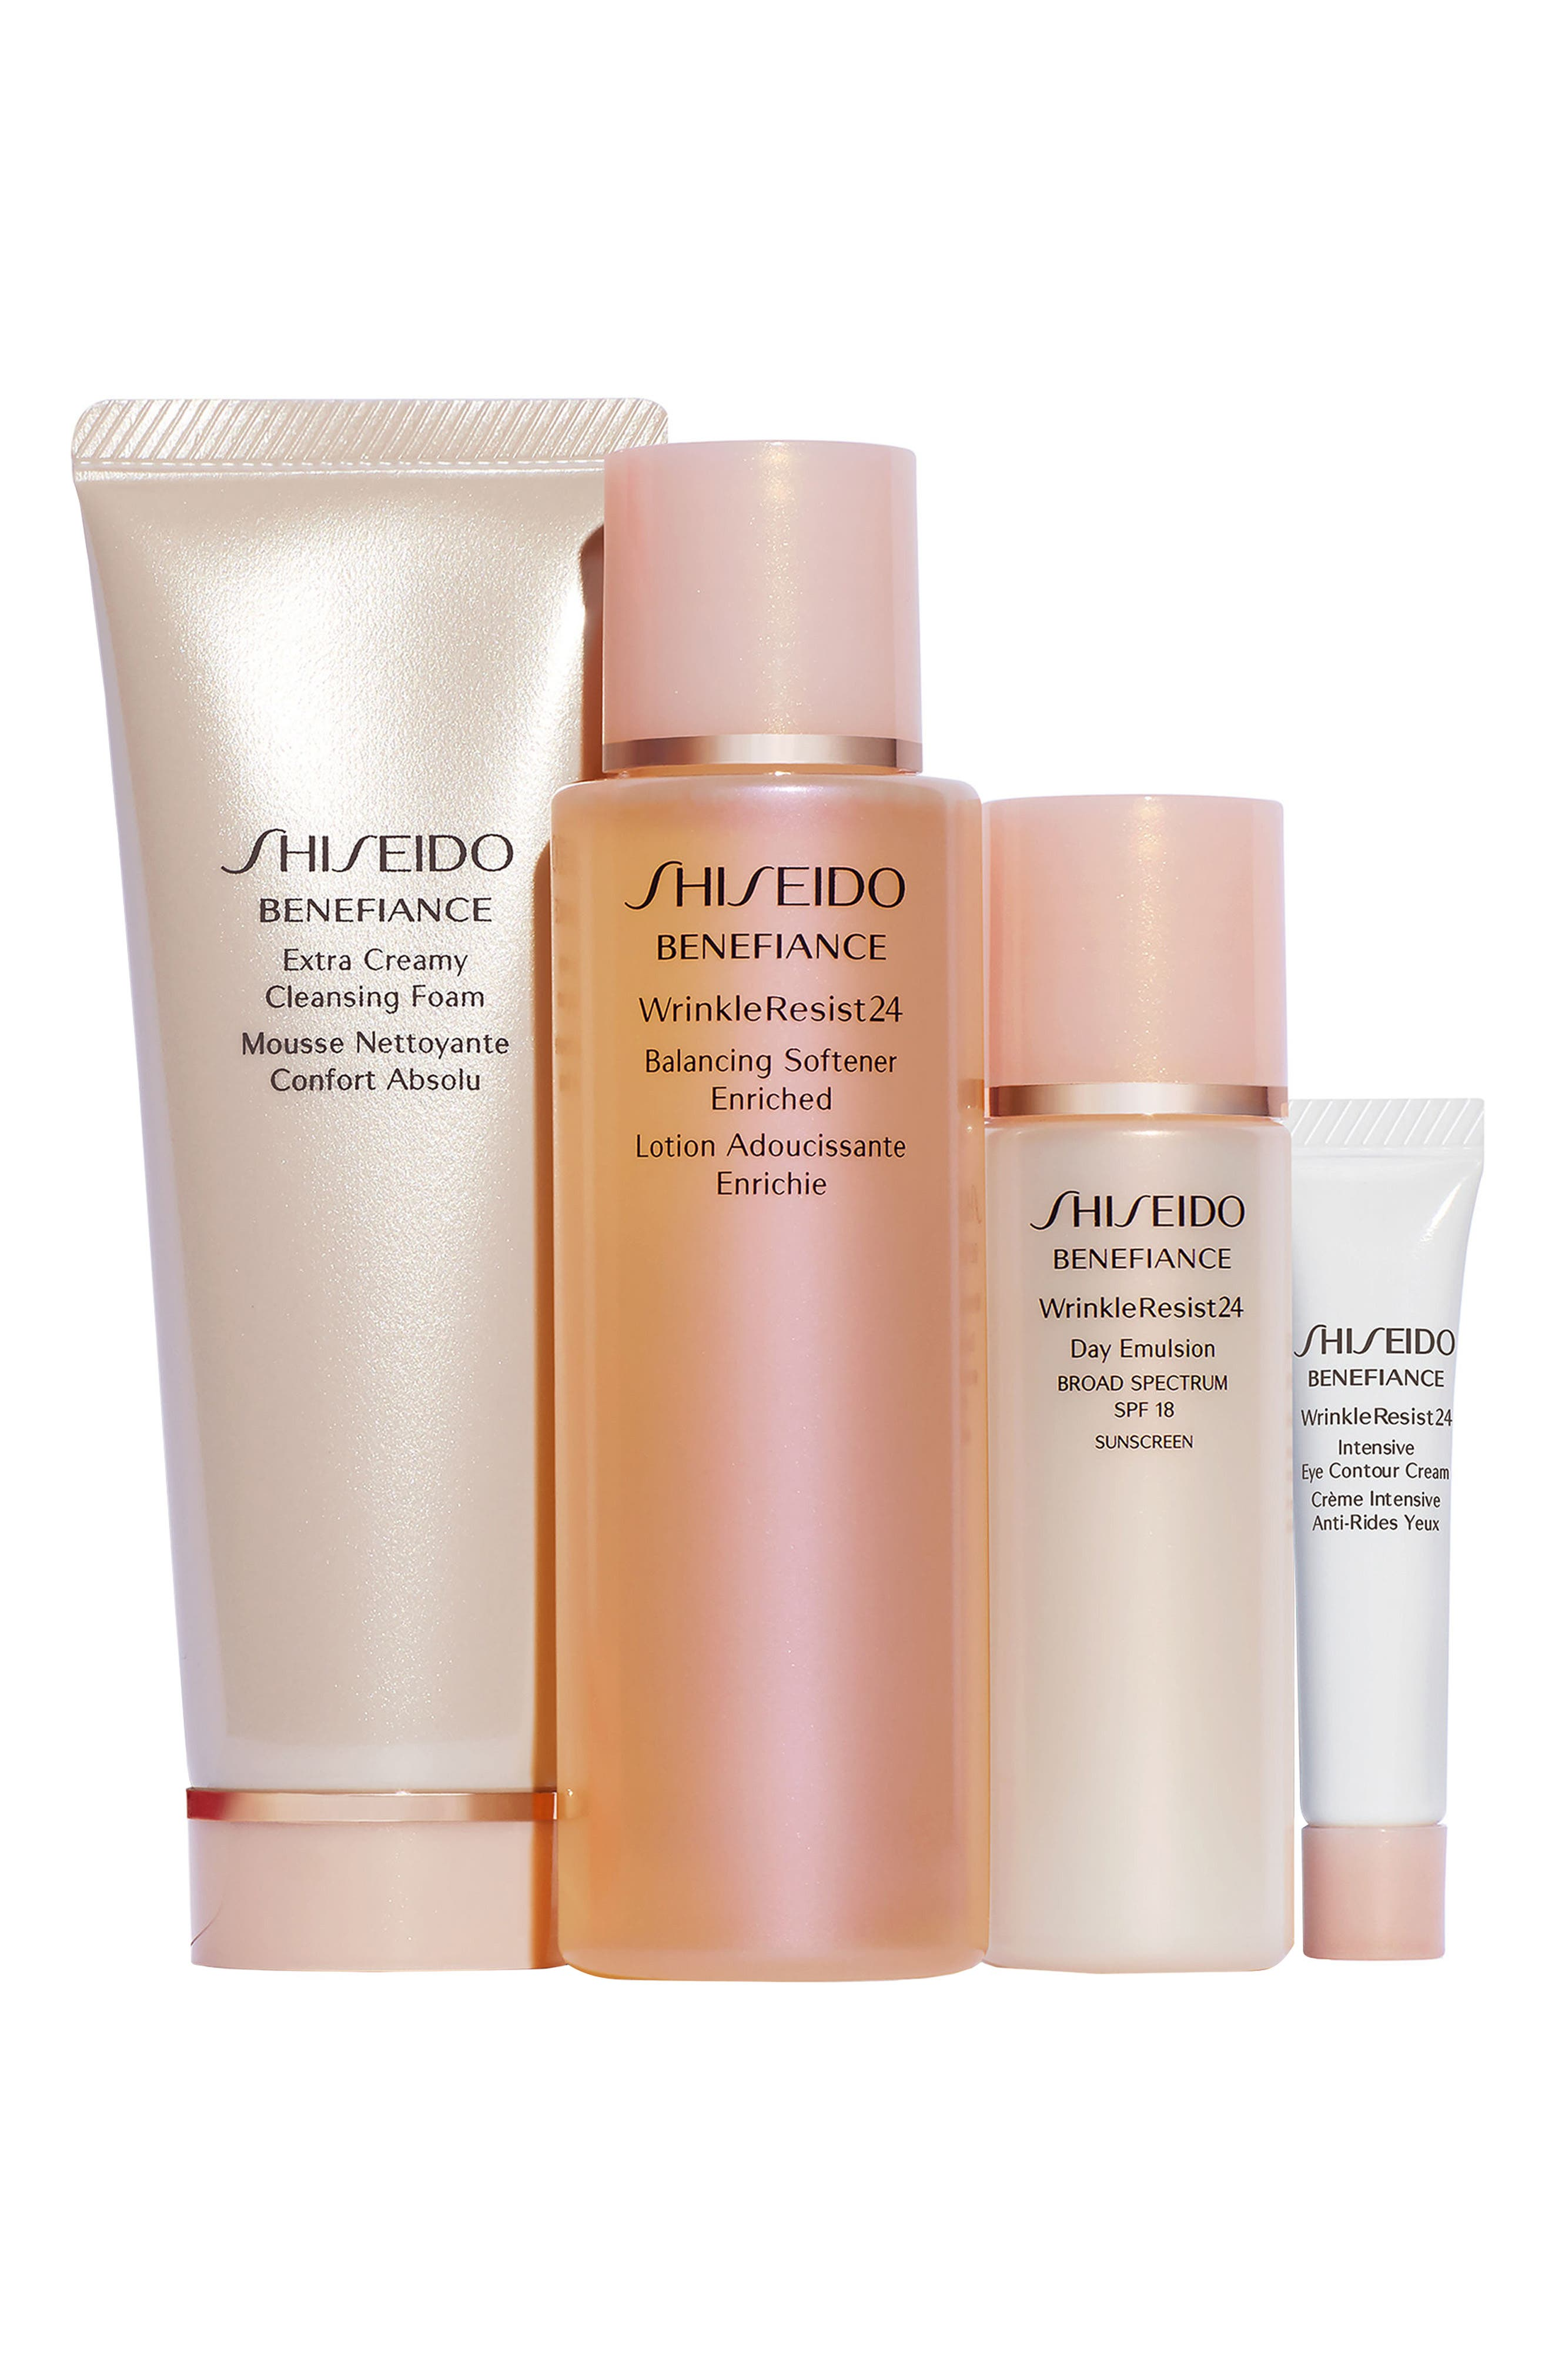 All Shiseido